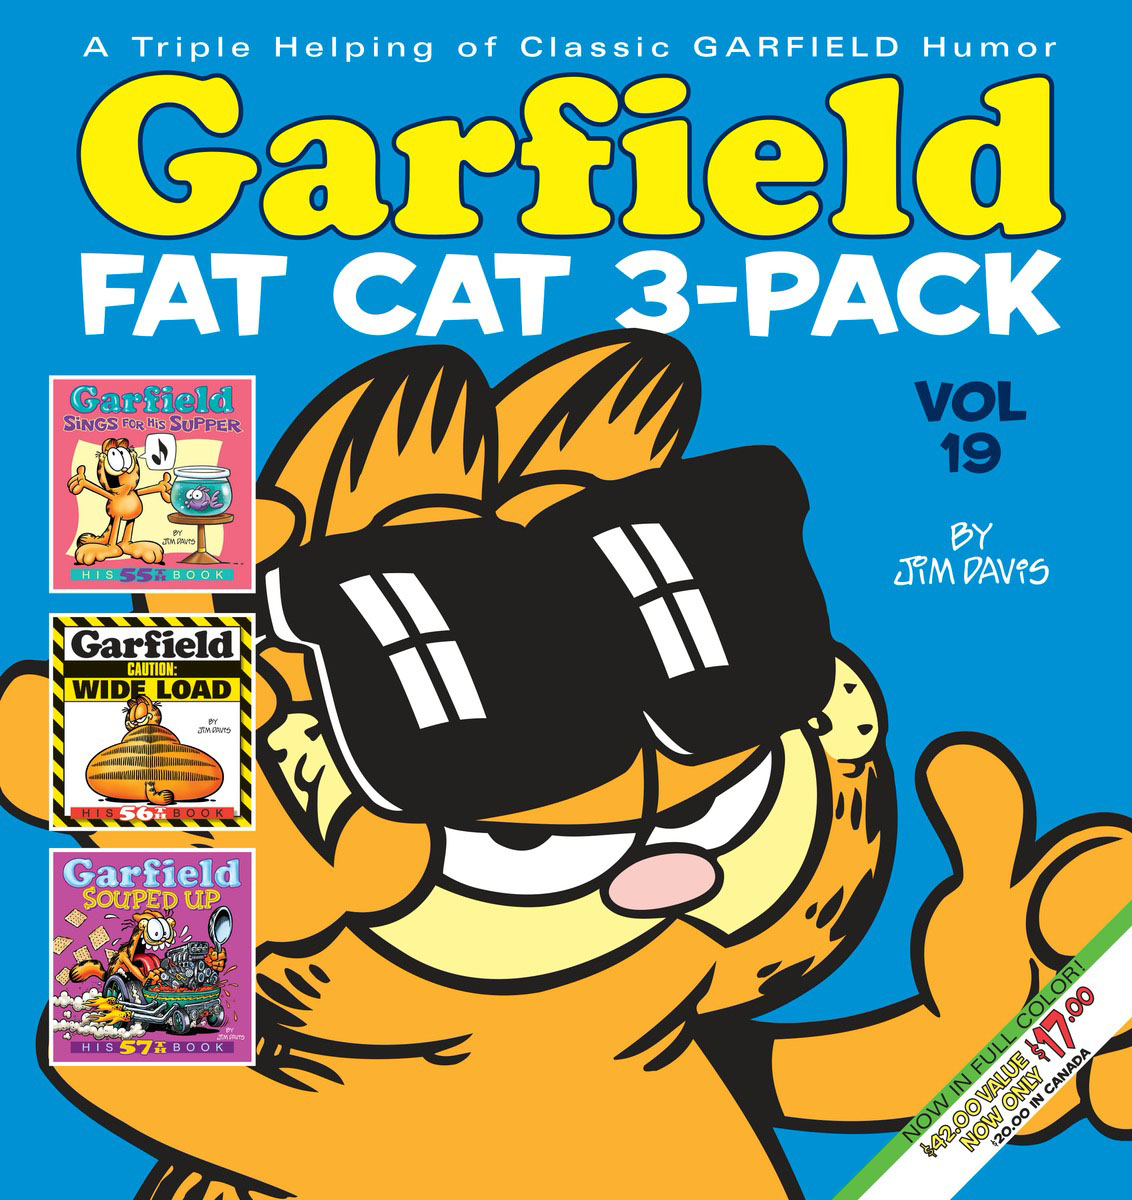 Garfield Fat Cat 3-Pack #19 garfield fat cat 3 pack volume 9